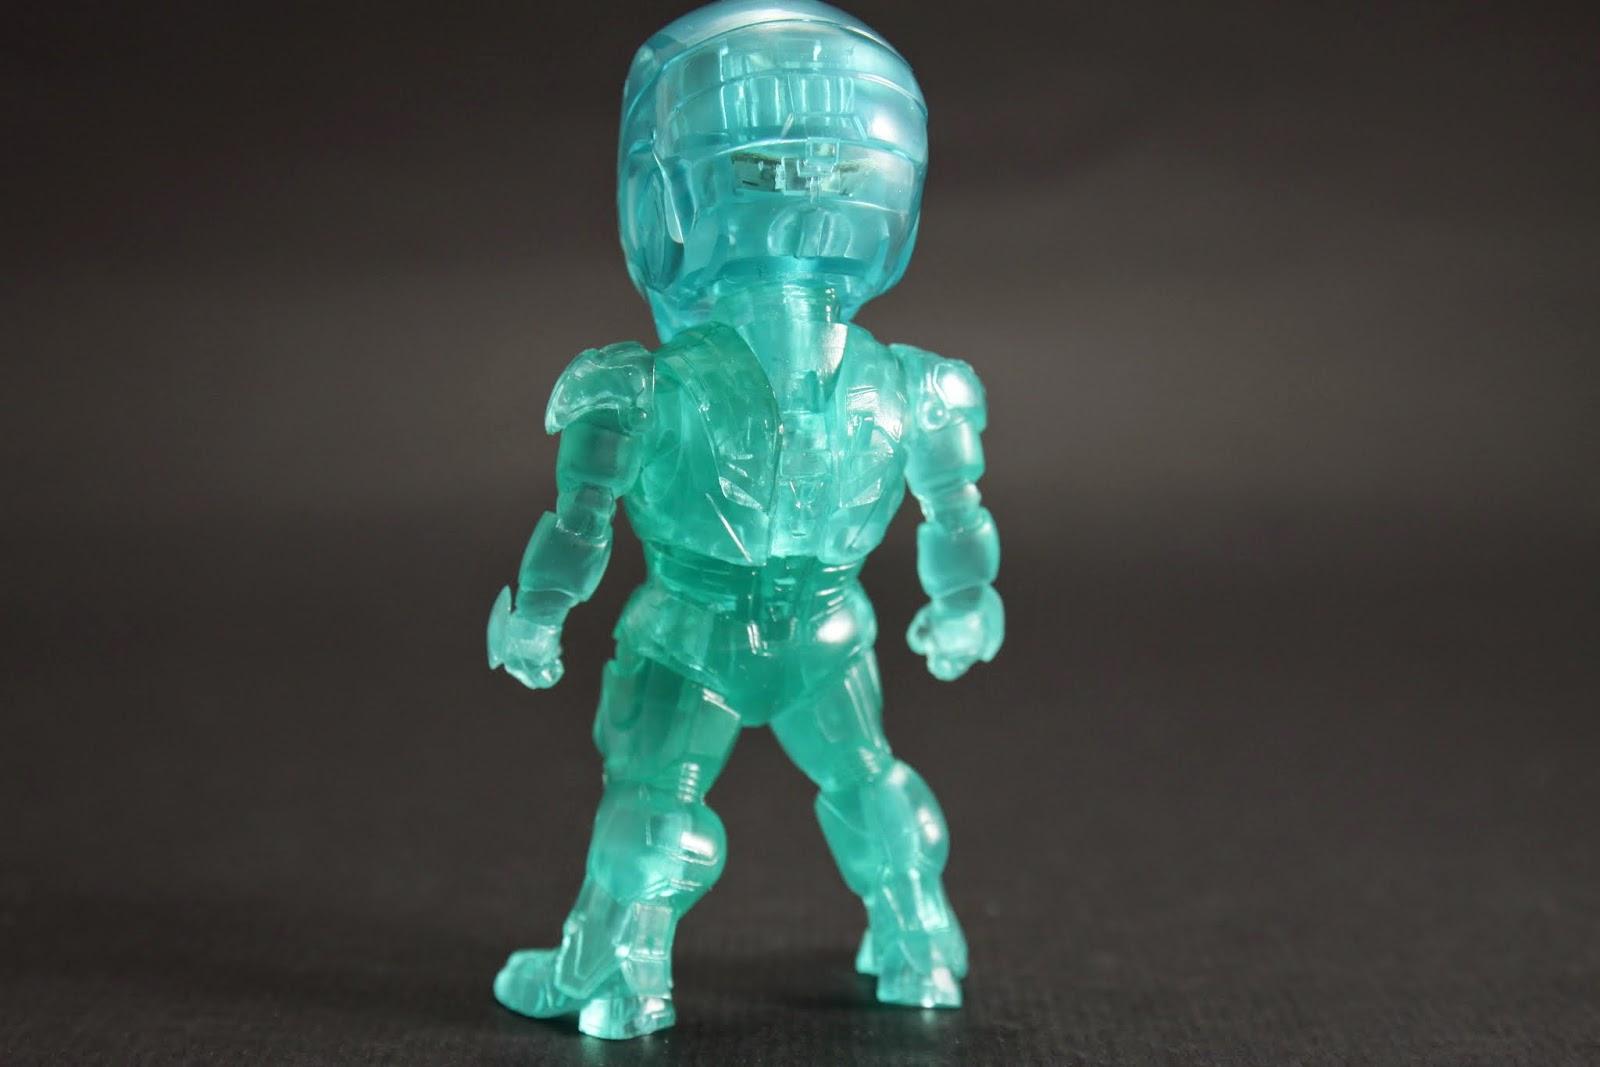 一樣跟第一彈出的MK VI沒差別 只差在變成透明藍